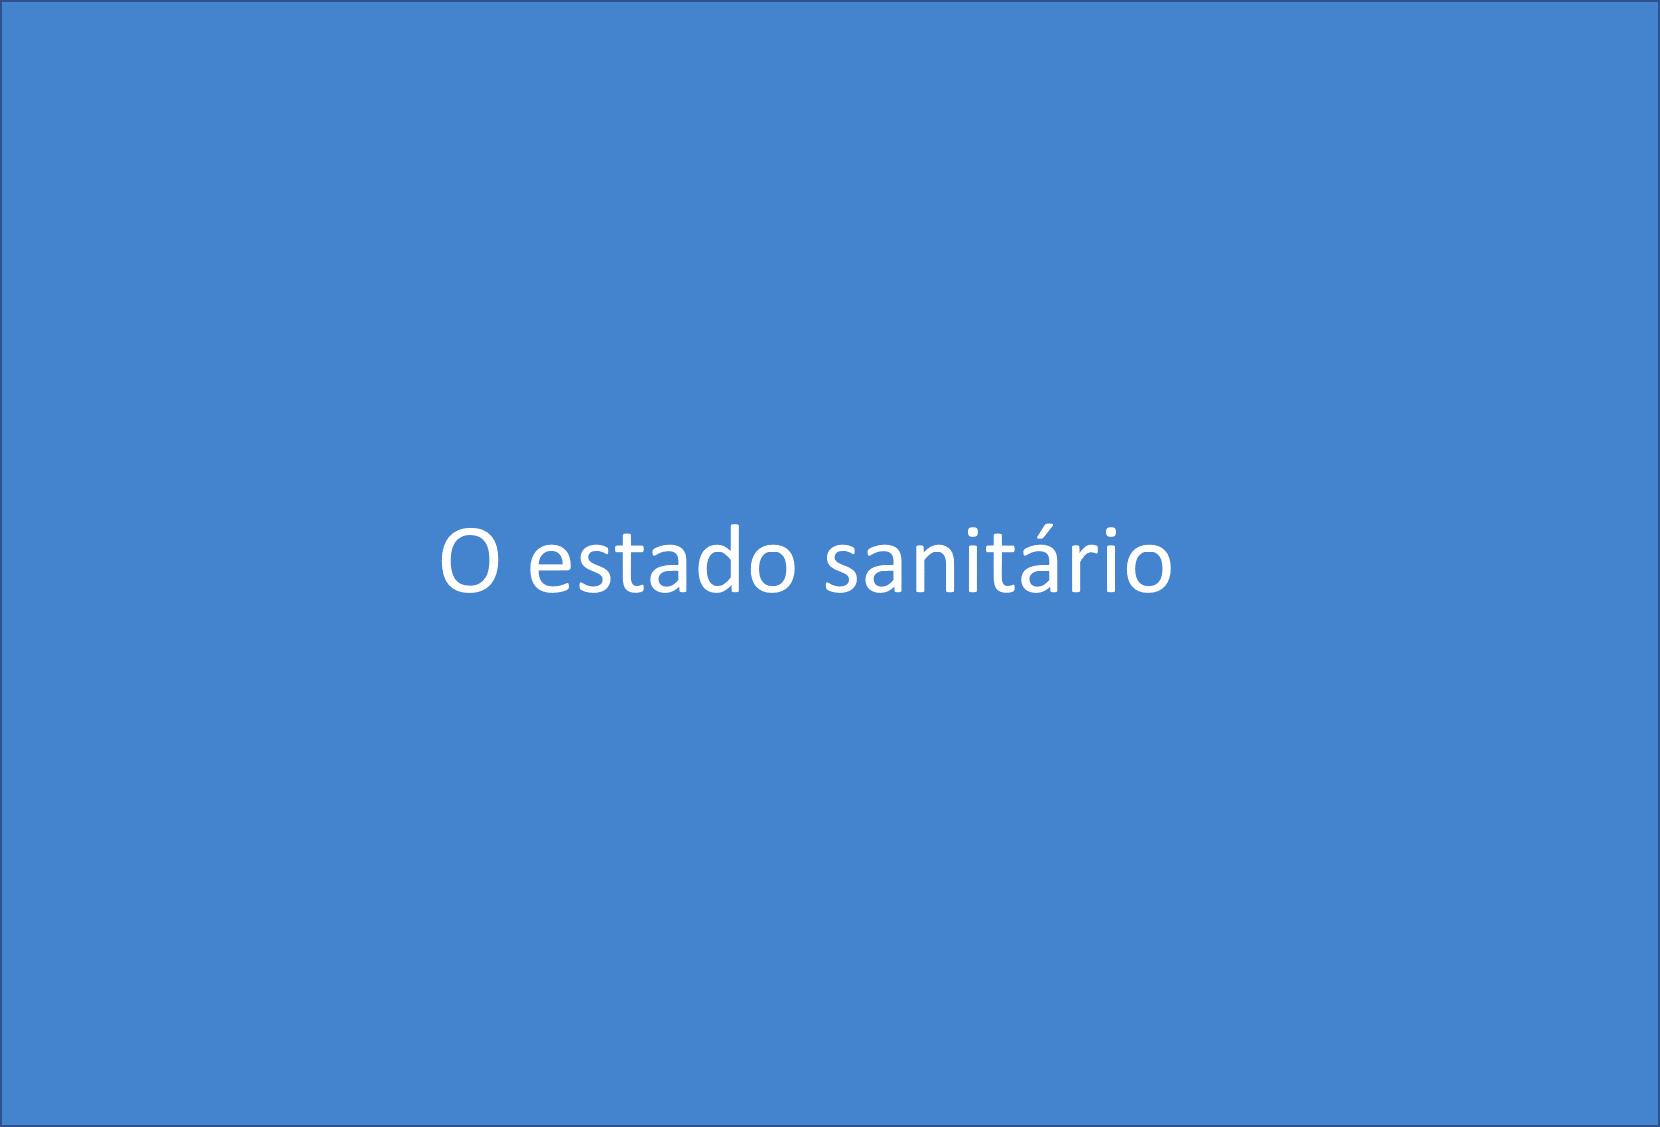 Estado sanitário